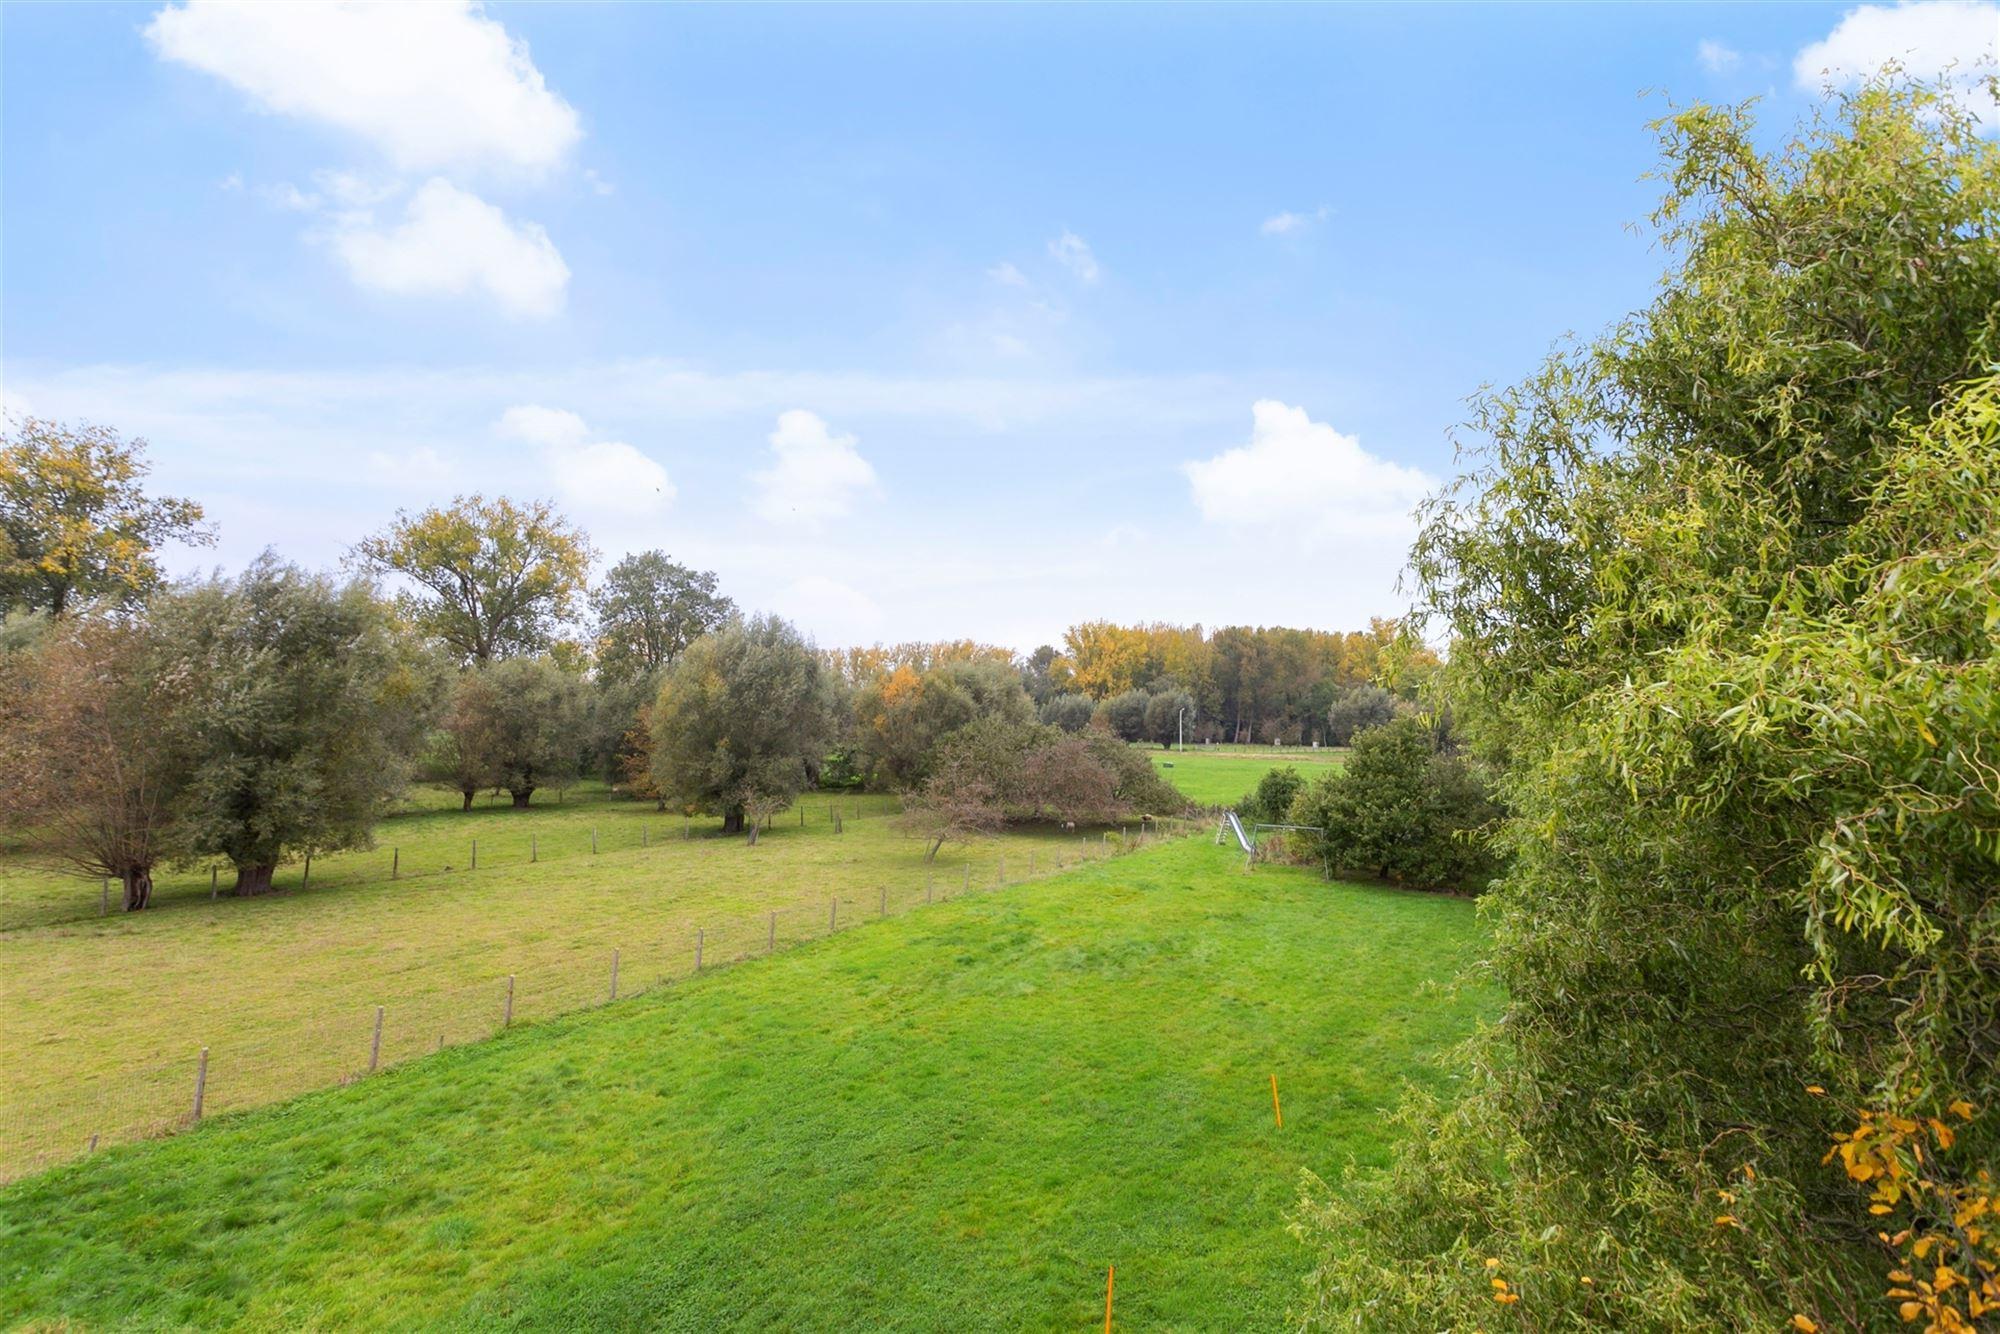 Charmante villa op een perceel van 30a20 met zicht op de natuur. Uitstekende bereikbaarheid: op 500m van het station Ternat en op 1km van de oprit E40...